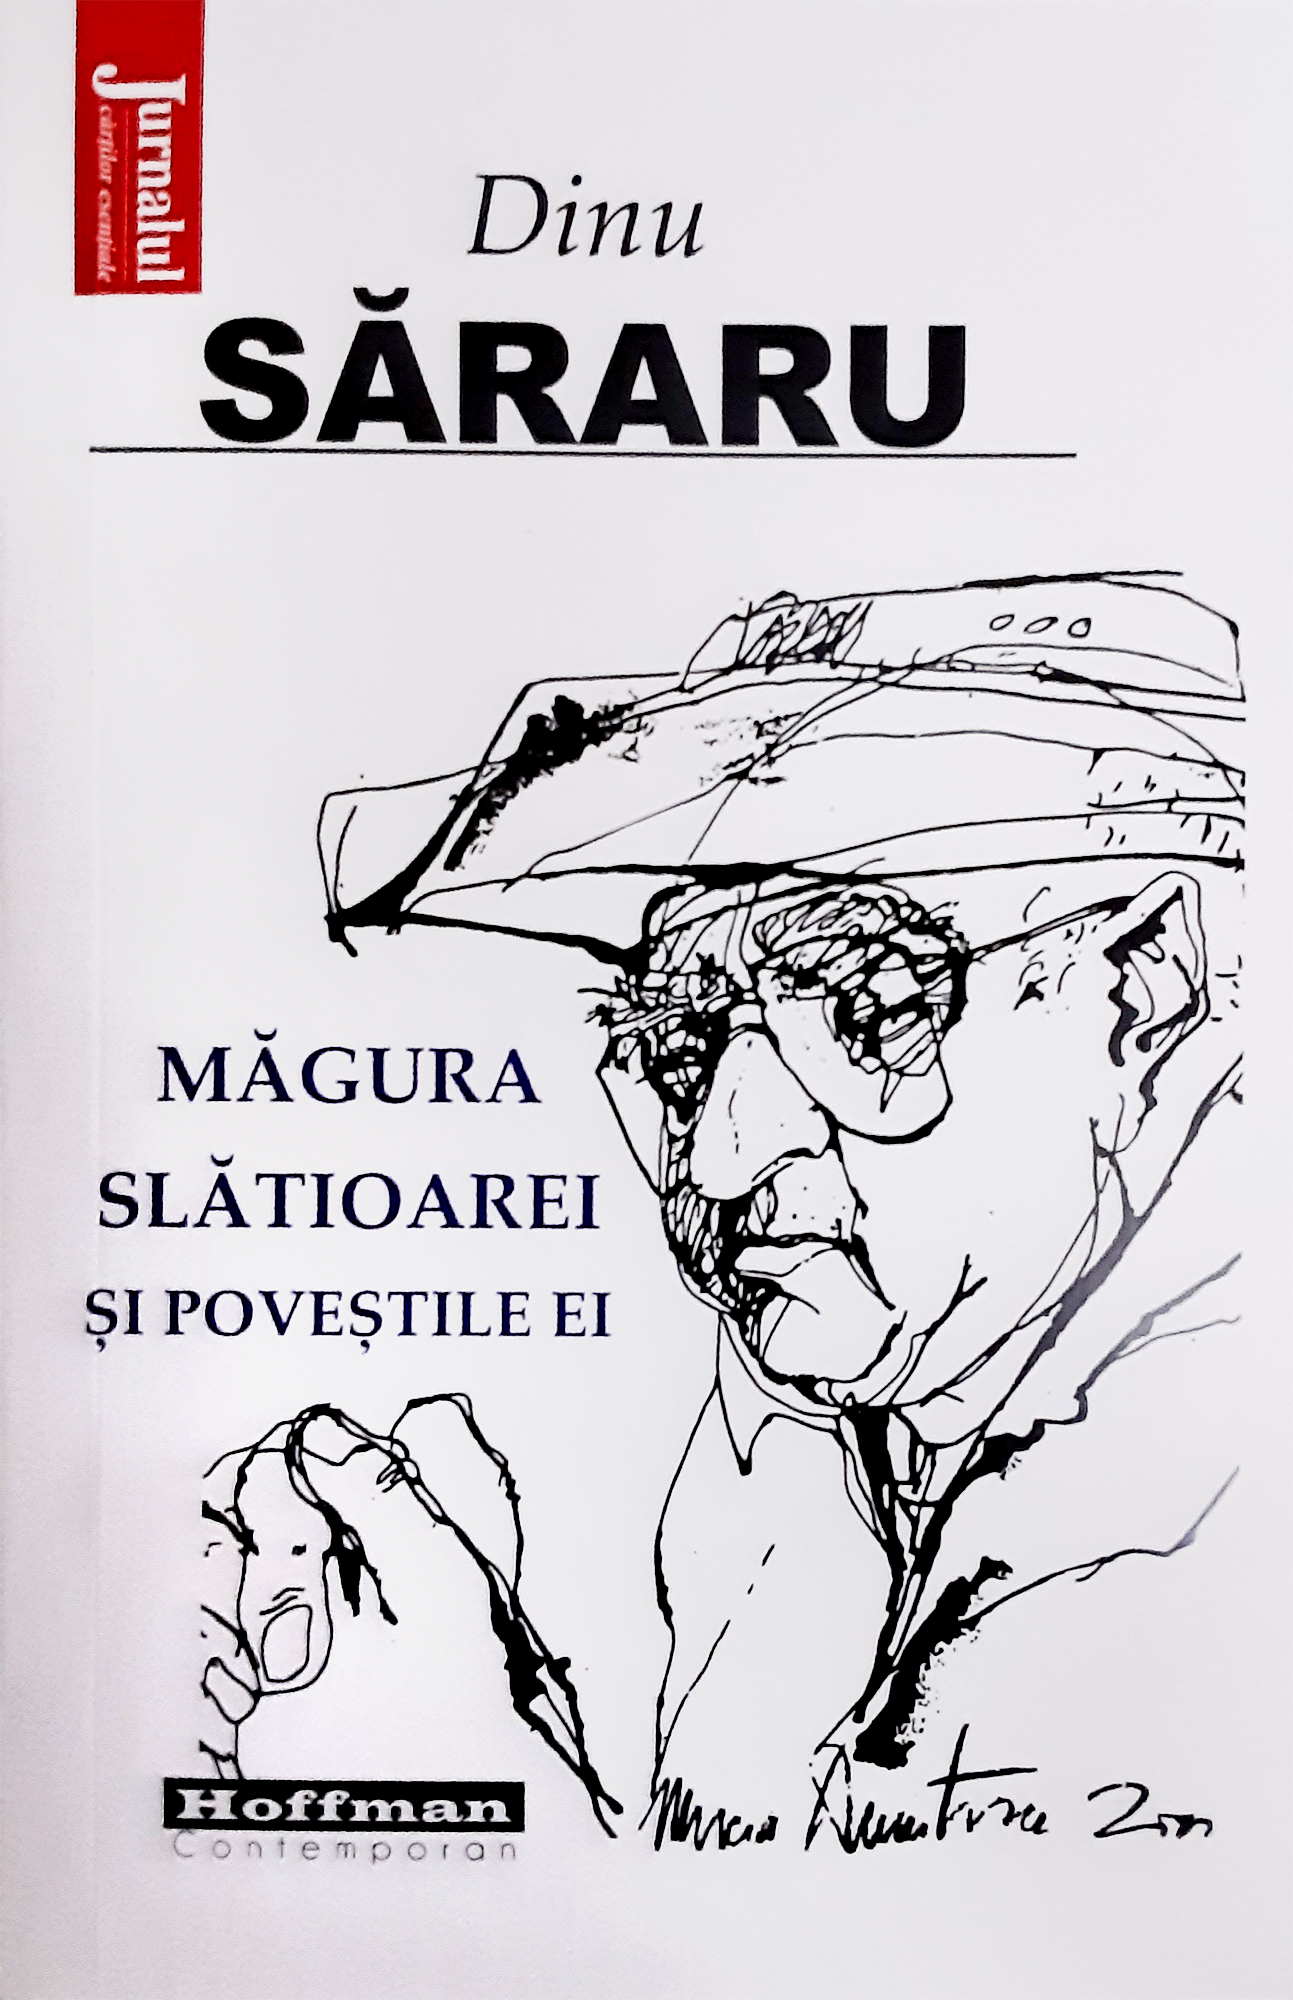 Măgura Slătioarei și poveștile ei, Dinu Săraru, Editura Hoffman, București, 2021